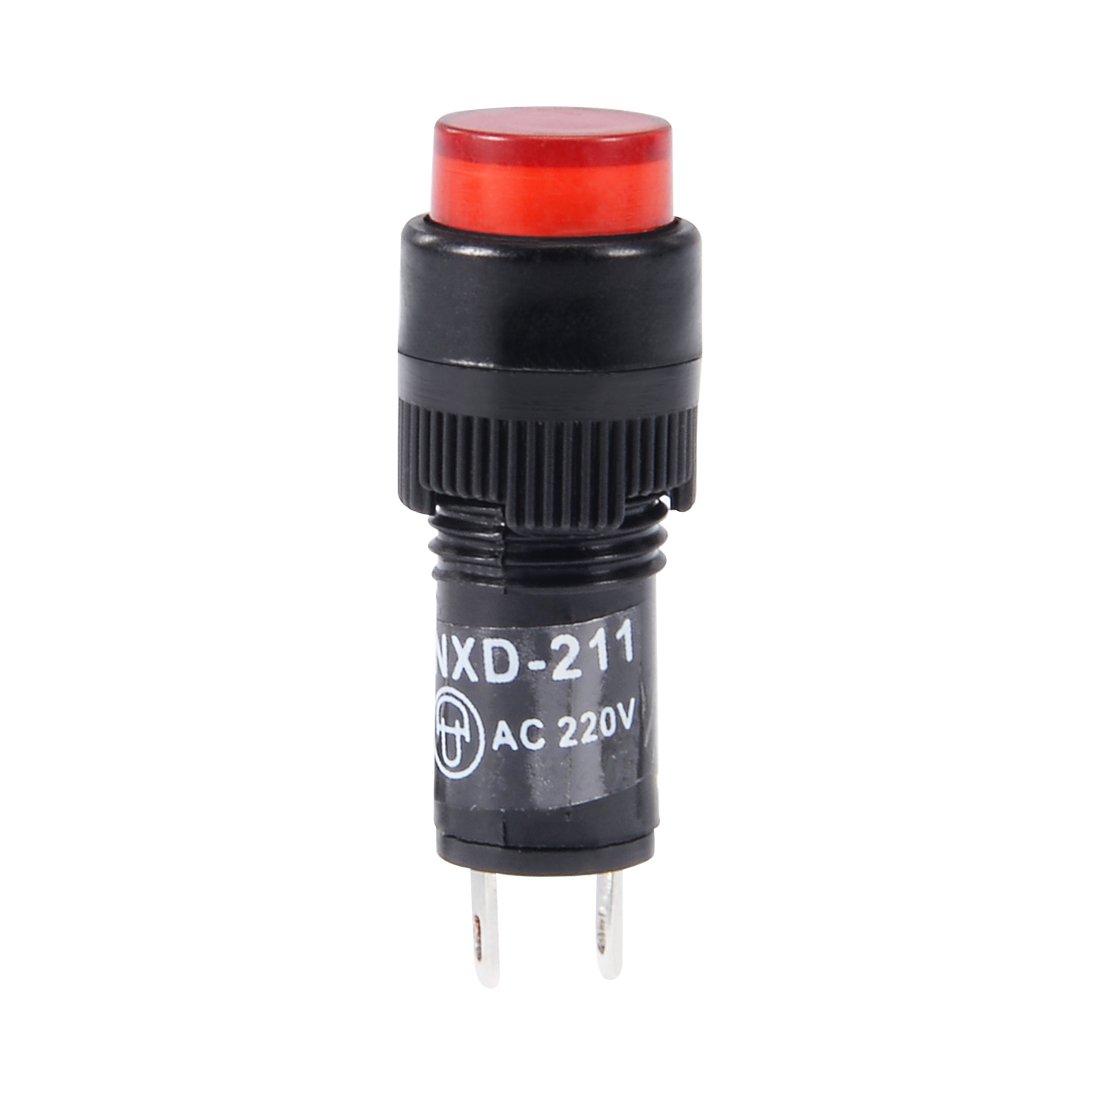 Mont/é panneau encastr/é 2//5 10mm 10pcs sourcing map t/émoin 12 V CC NXD-211 Vert Neon